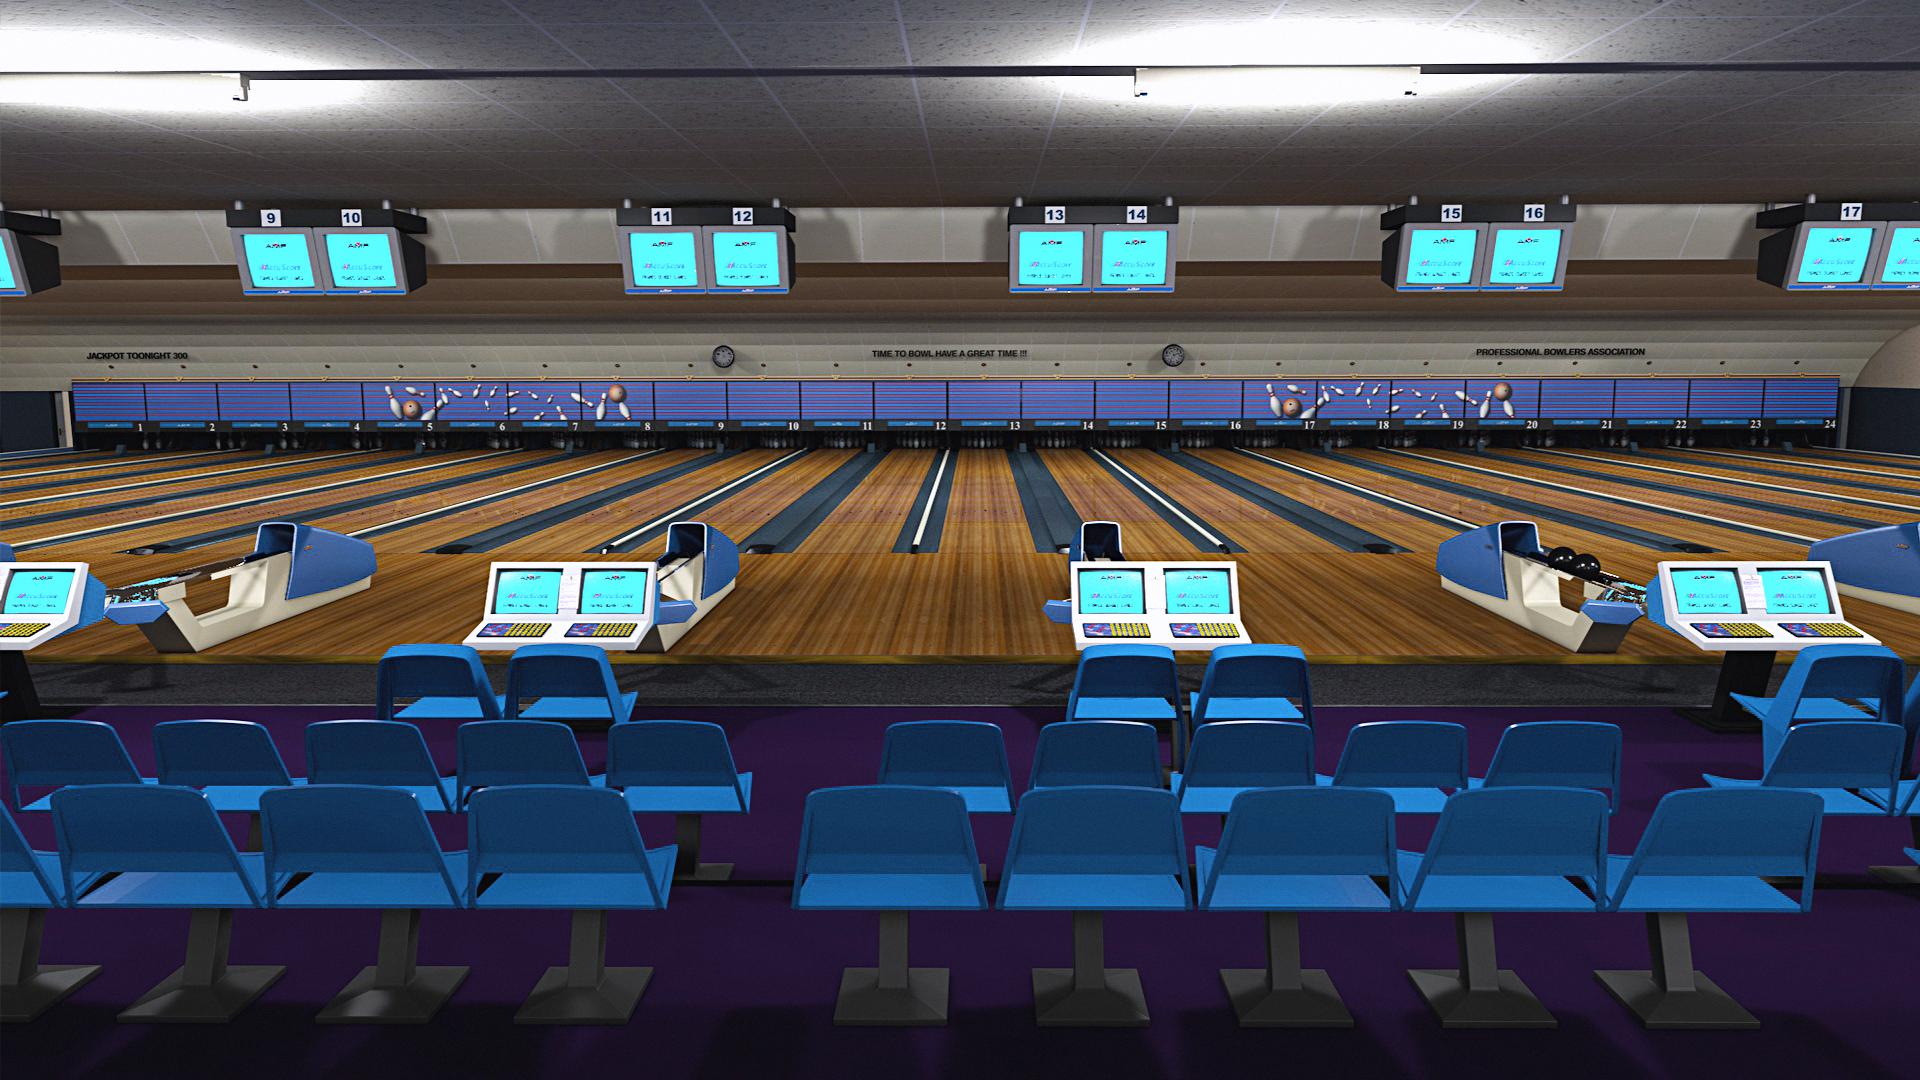 Comment Faire Pour Ouvrir Un Bowling fichier:salle de bowling en 3d. — wikipédia